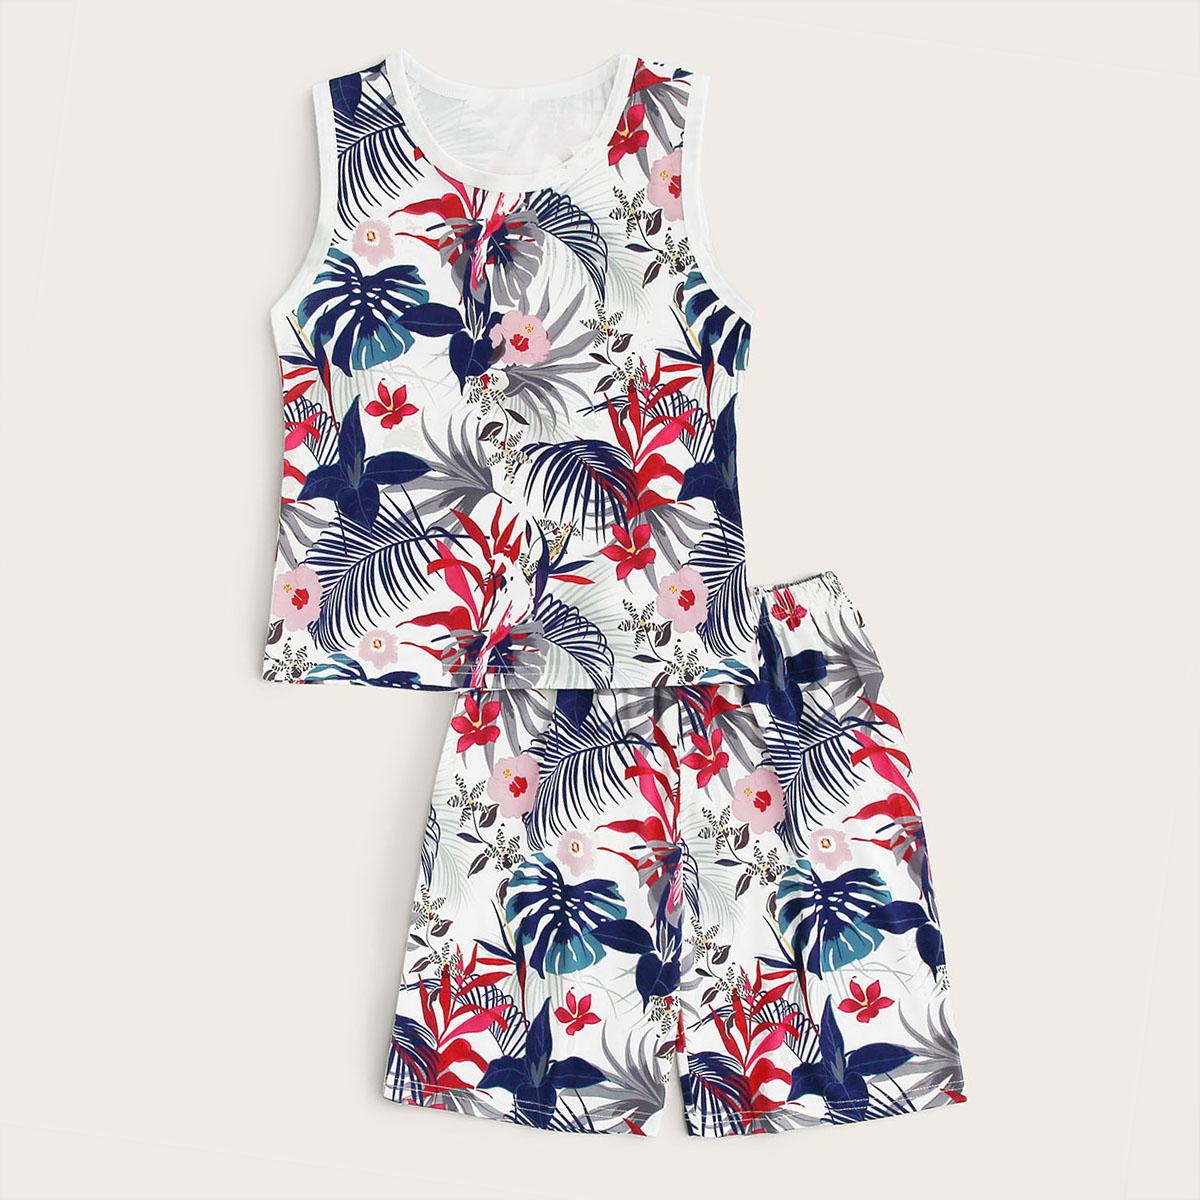 Пижама с тропическим принтом для мальчиков от SHEIN